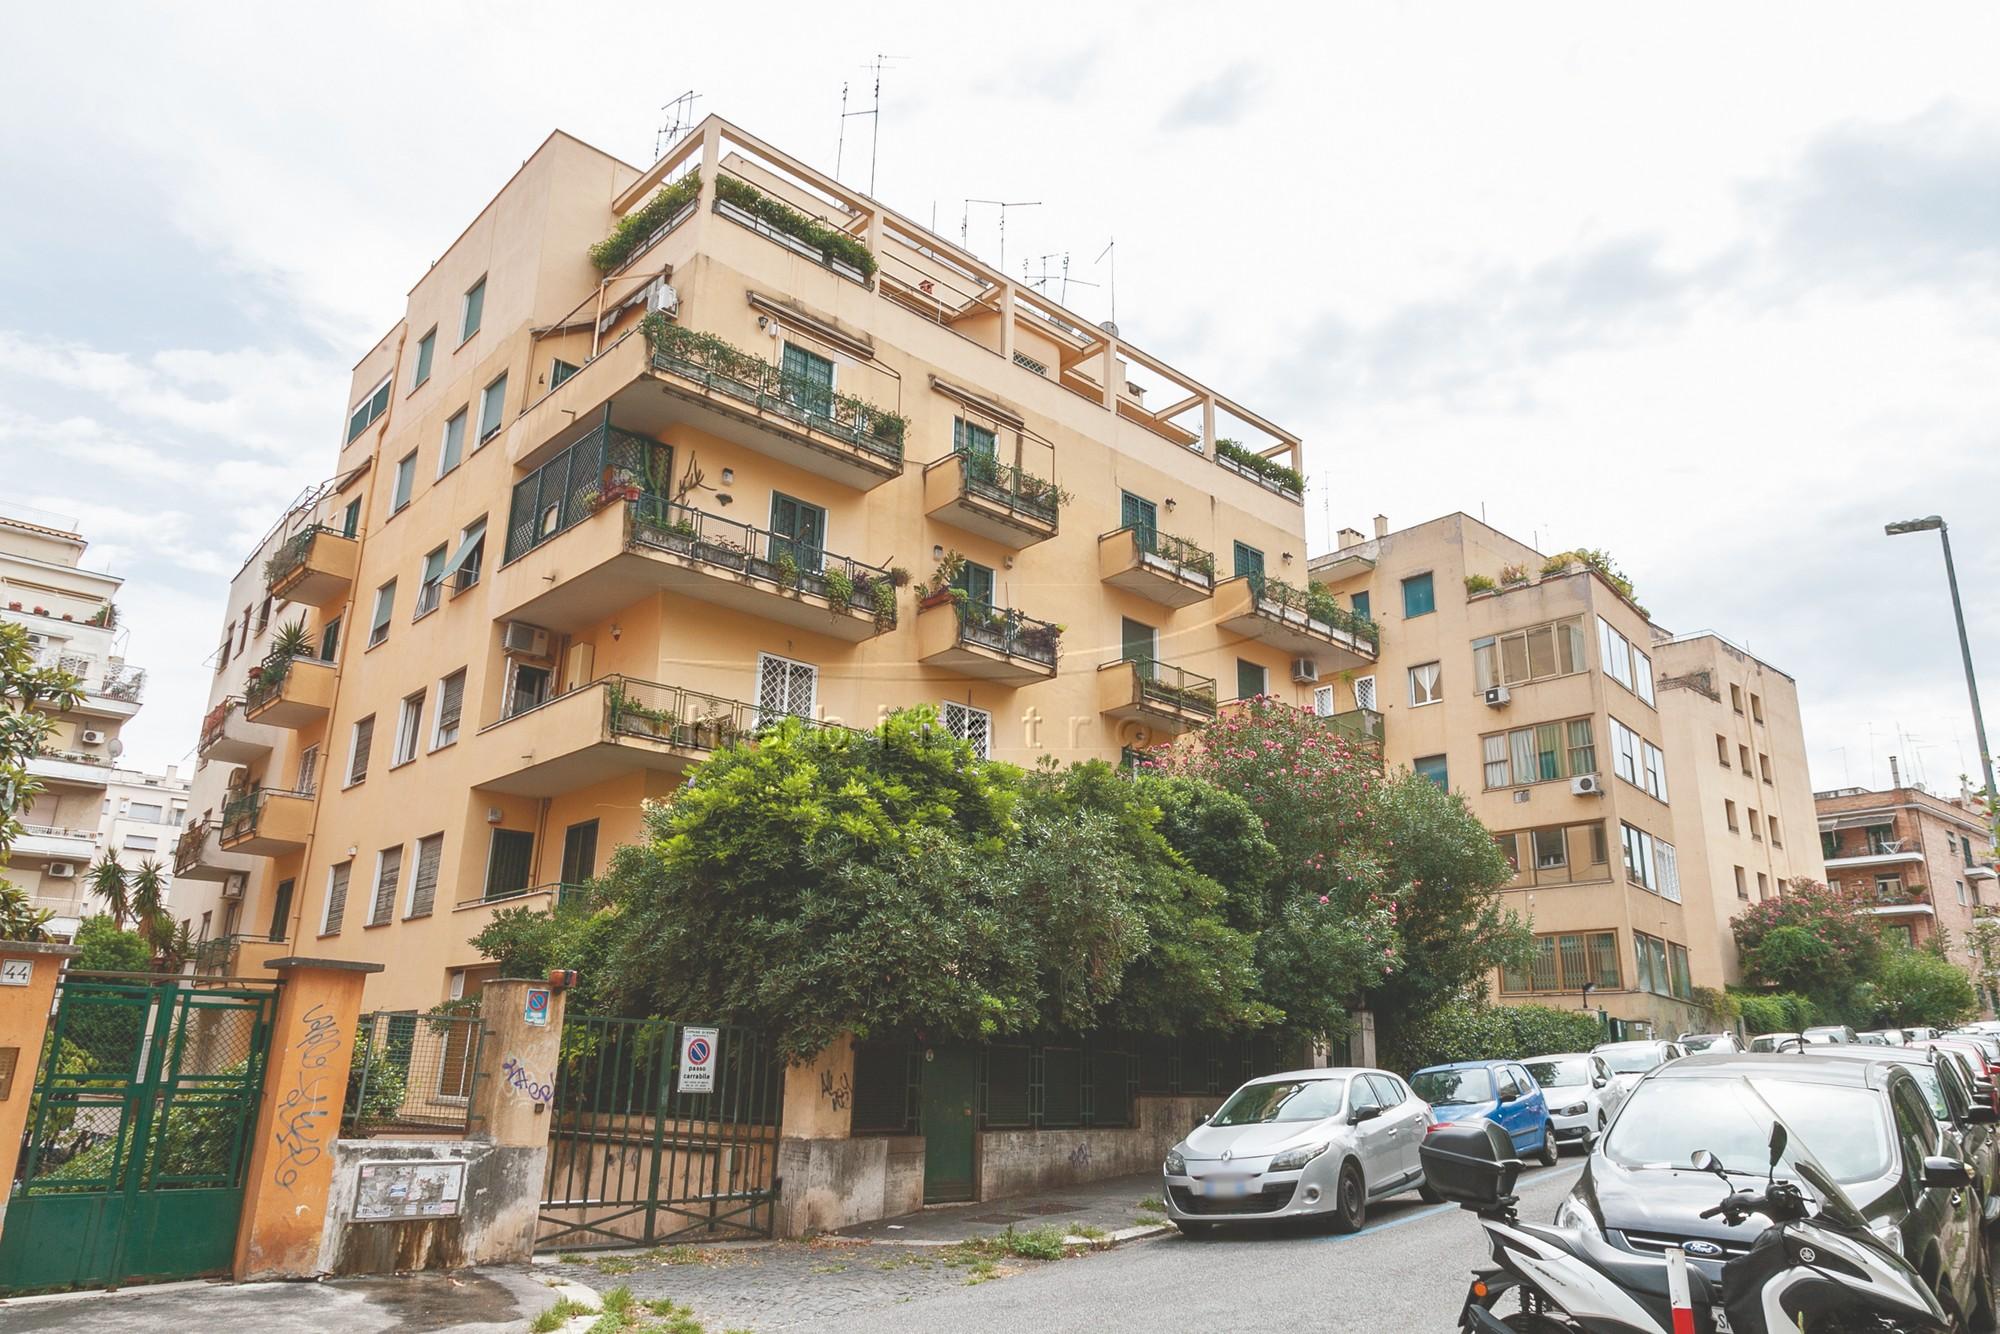 Via-Rocca-Sinibalda-01-1